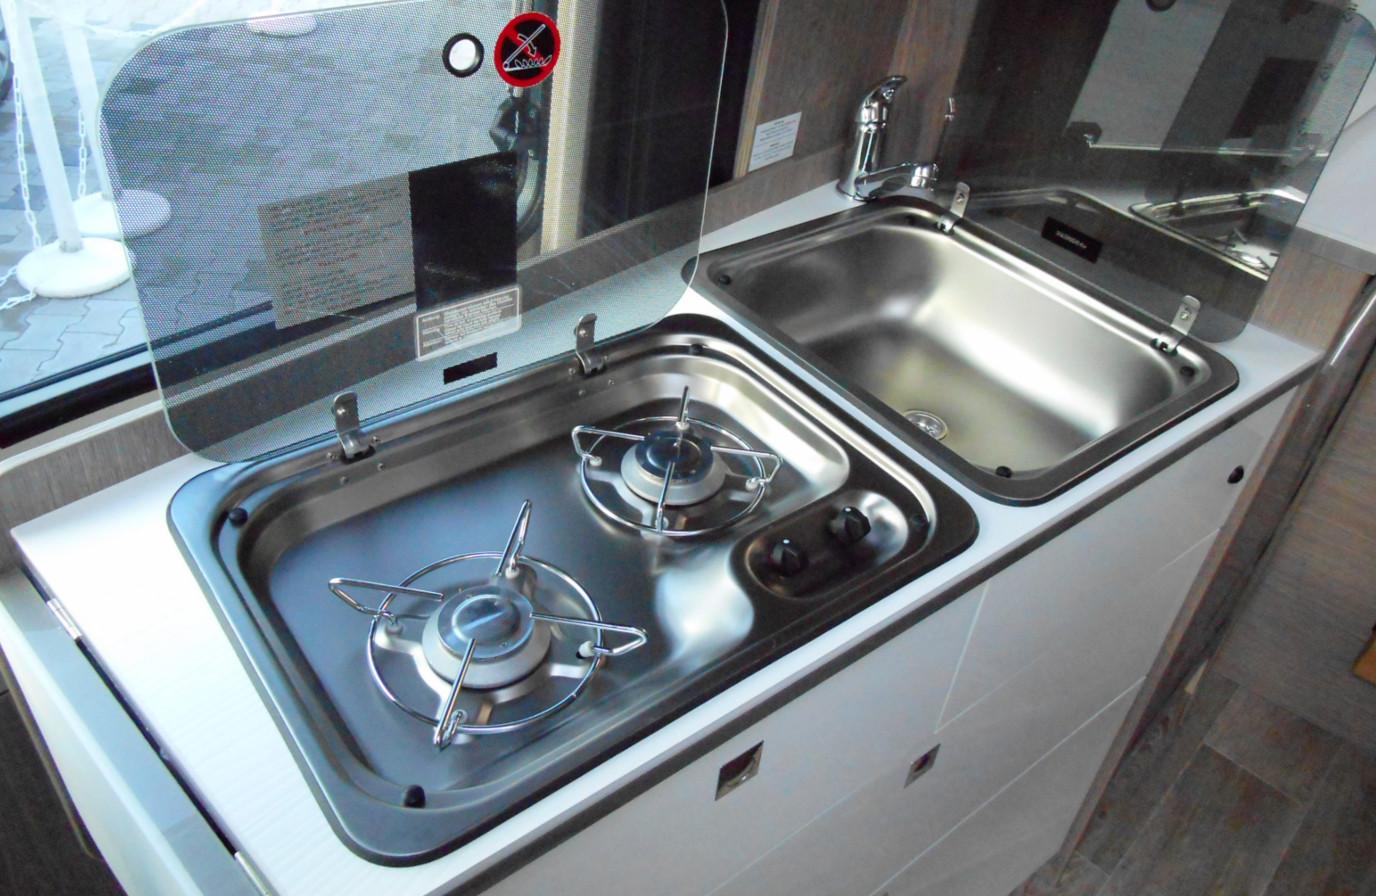 Mietwohnmobil PÖSSL 2WIn Plus Küchenzeile